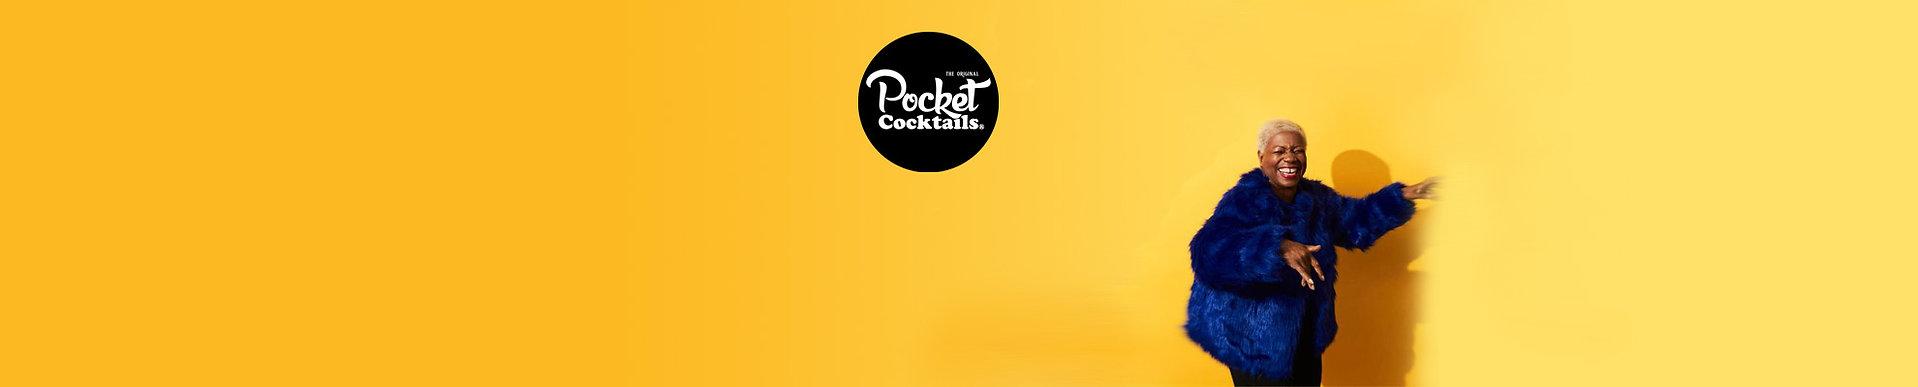 Cocktail Liefer Service Wien - Pocket Cocktails zustellen lassen